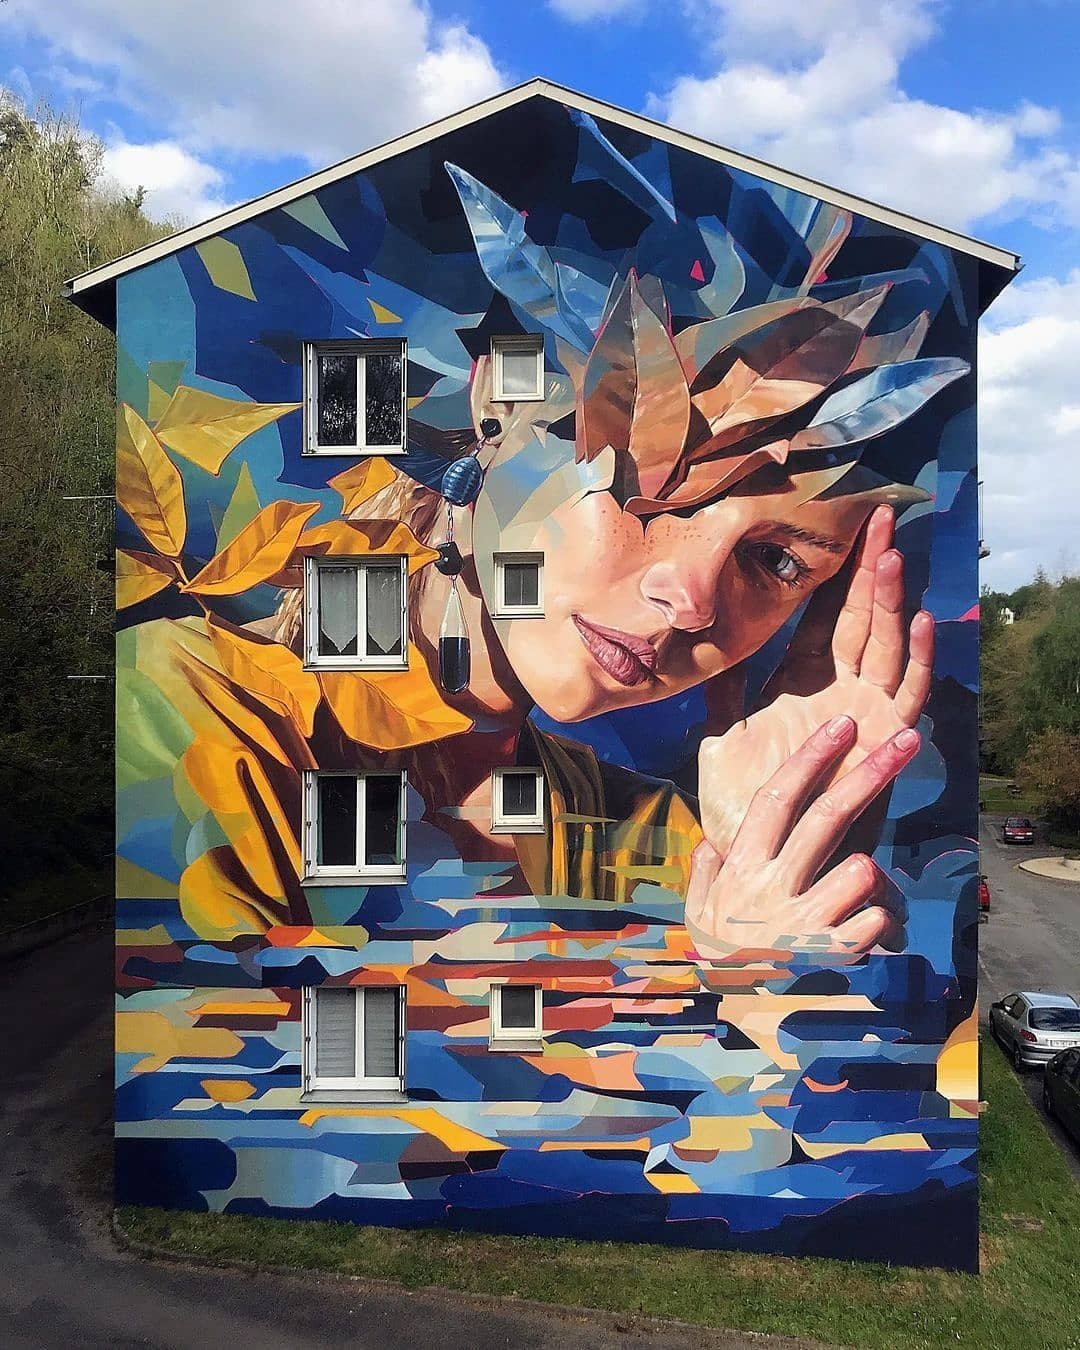 Ratur @ Cransac, France